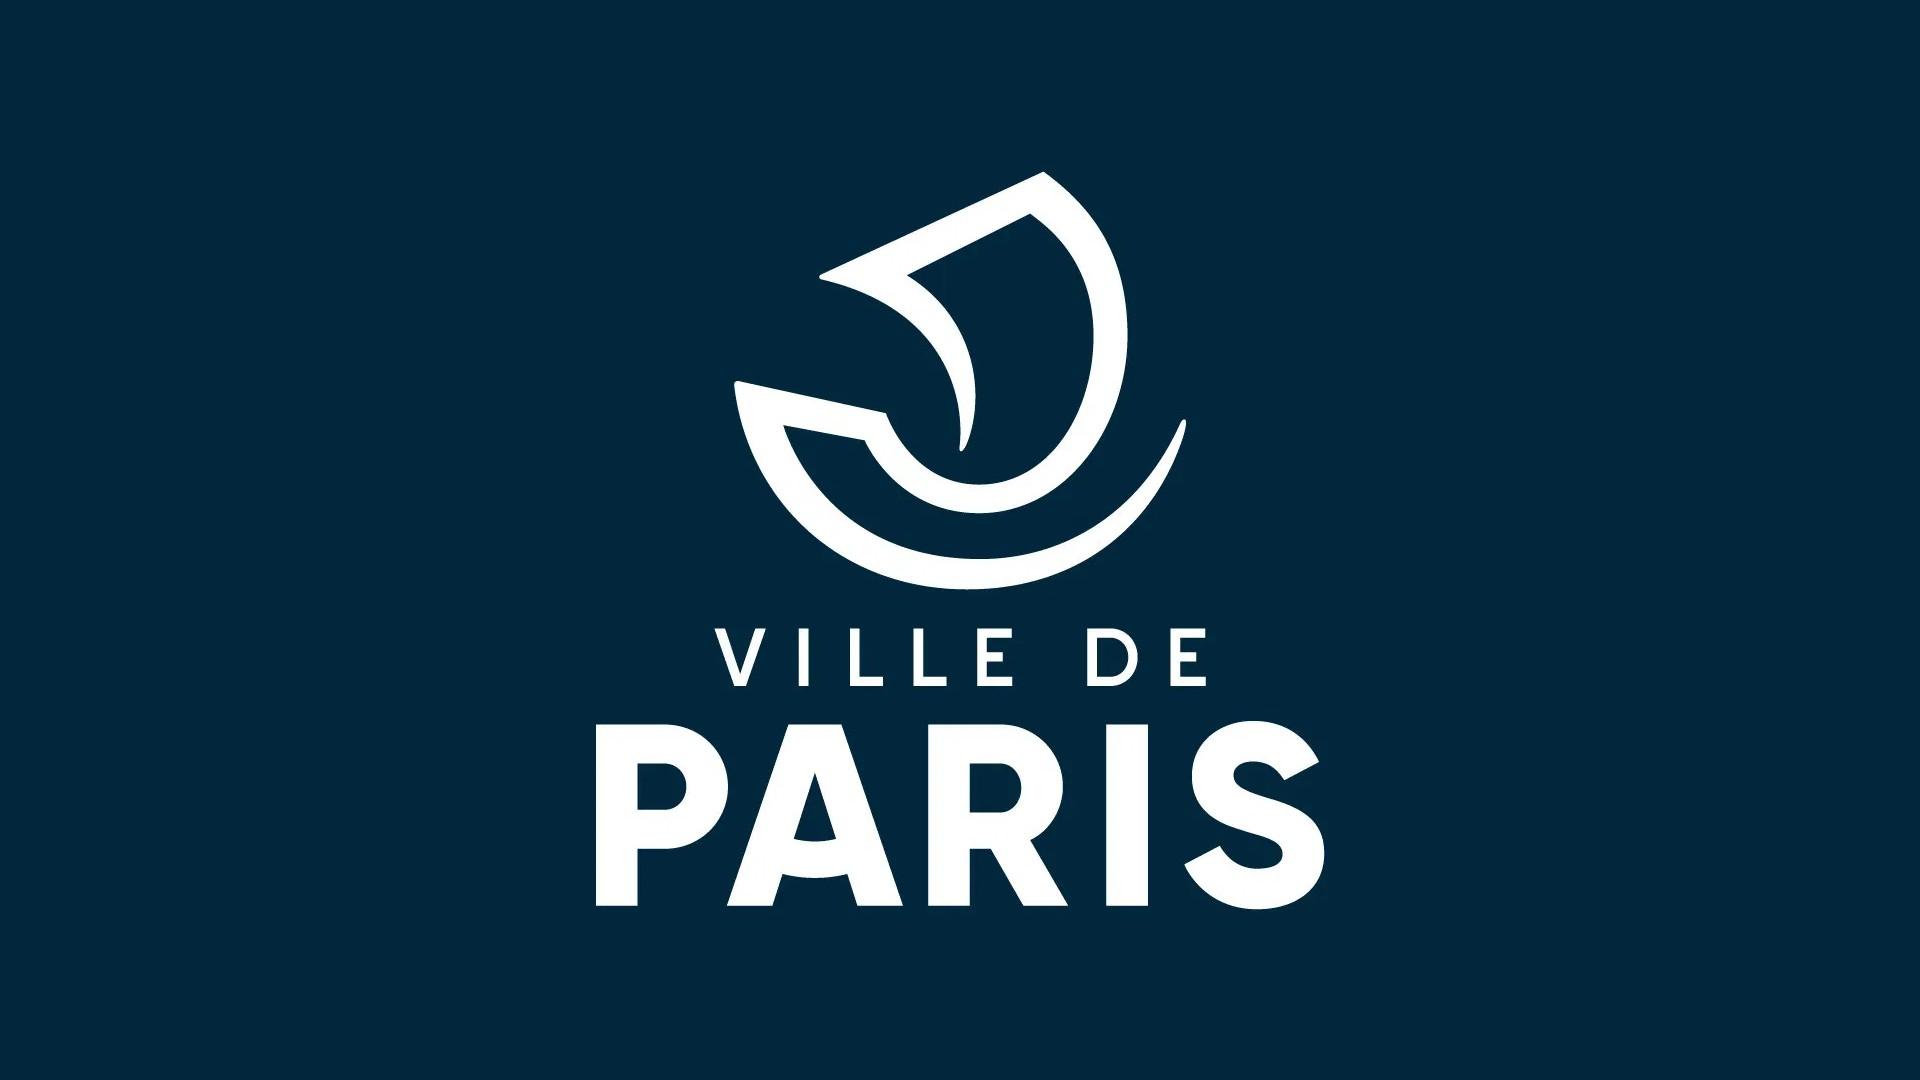 Ville de Paris (1) Logo